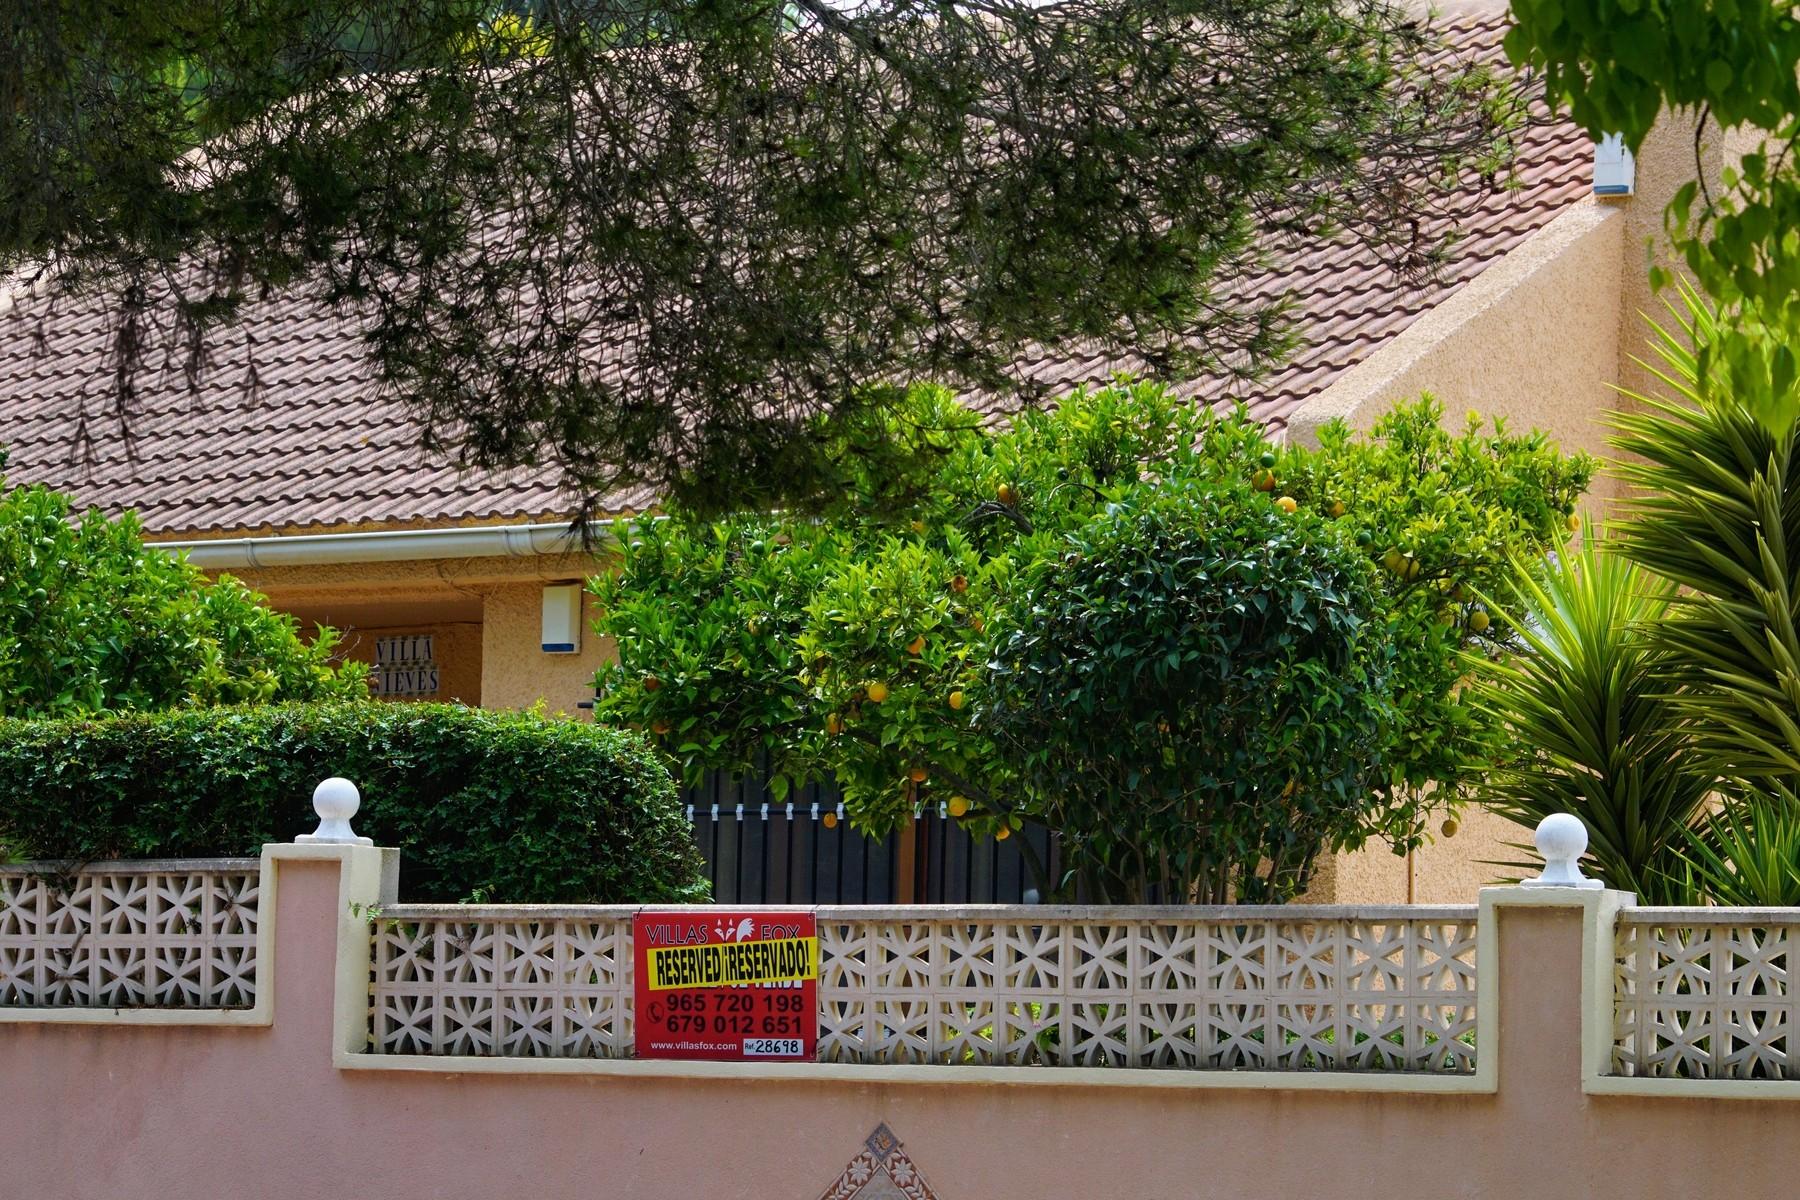 Las Comunicaciones 3-bedroom detached villa with pool and garage